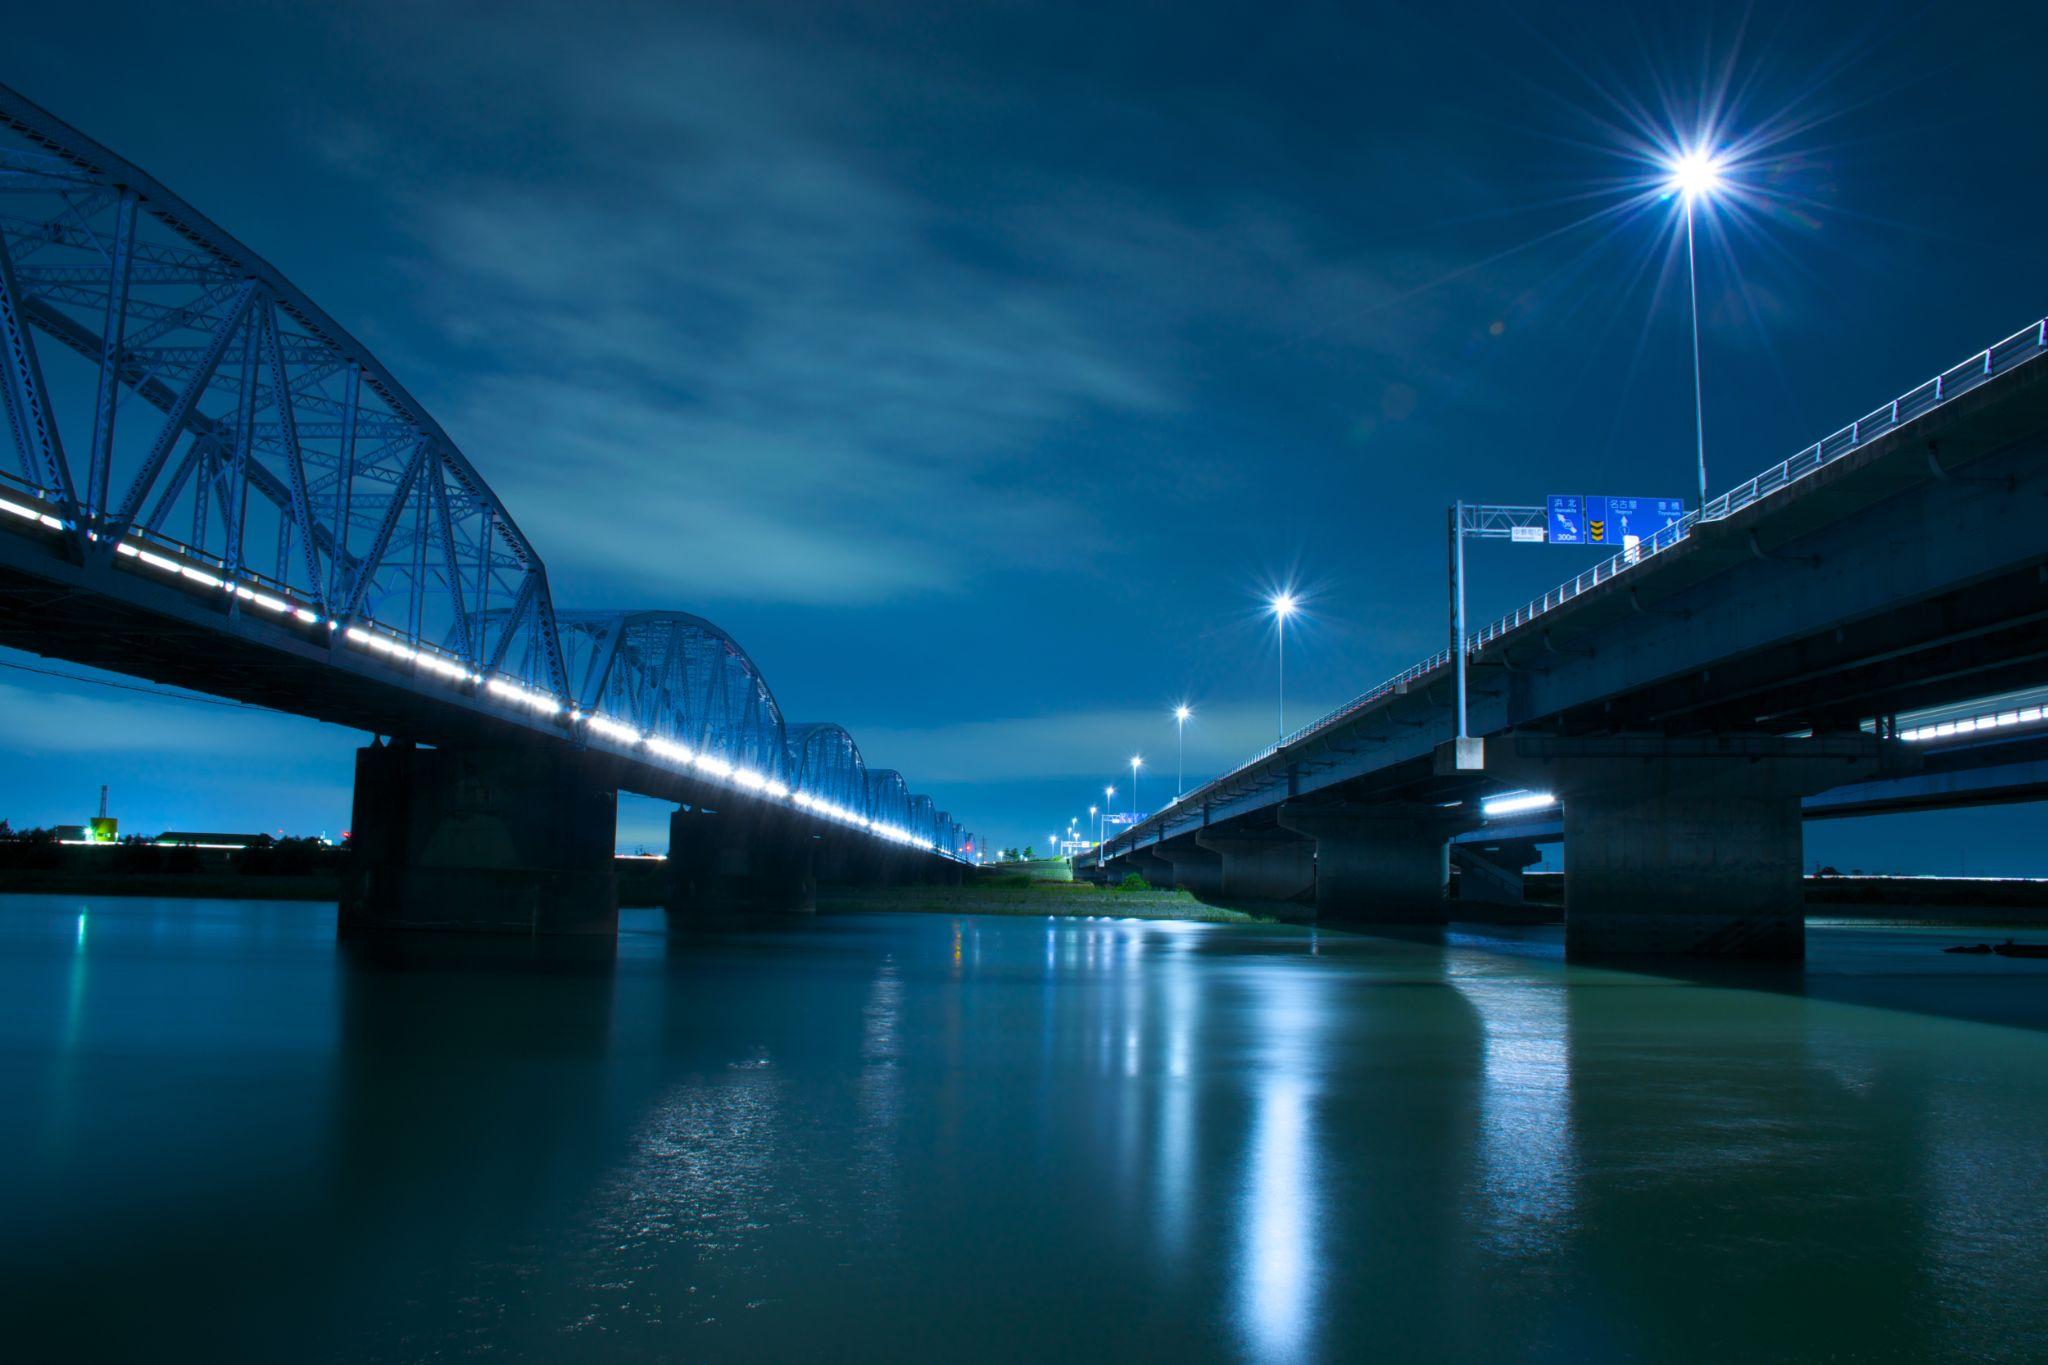 Night bridge by Keita Asakura